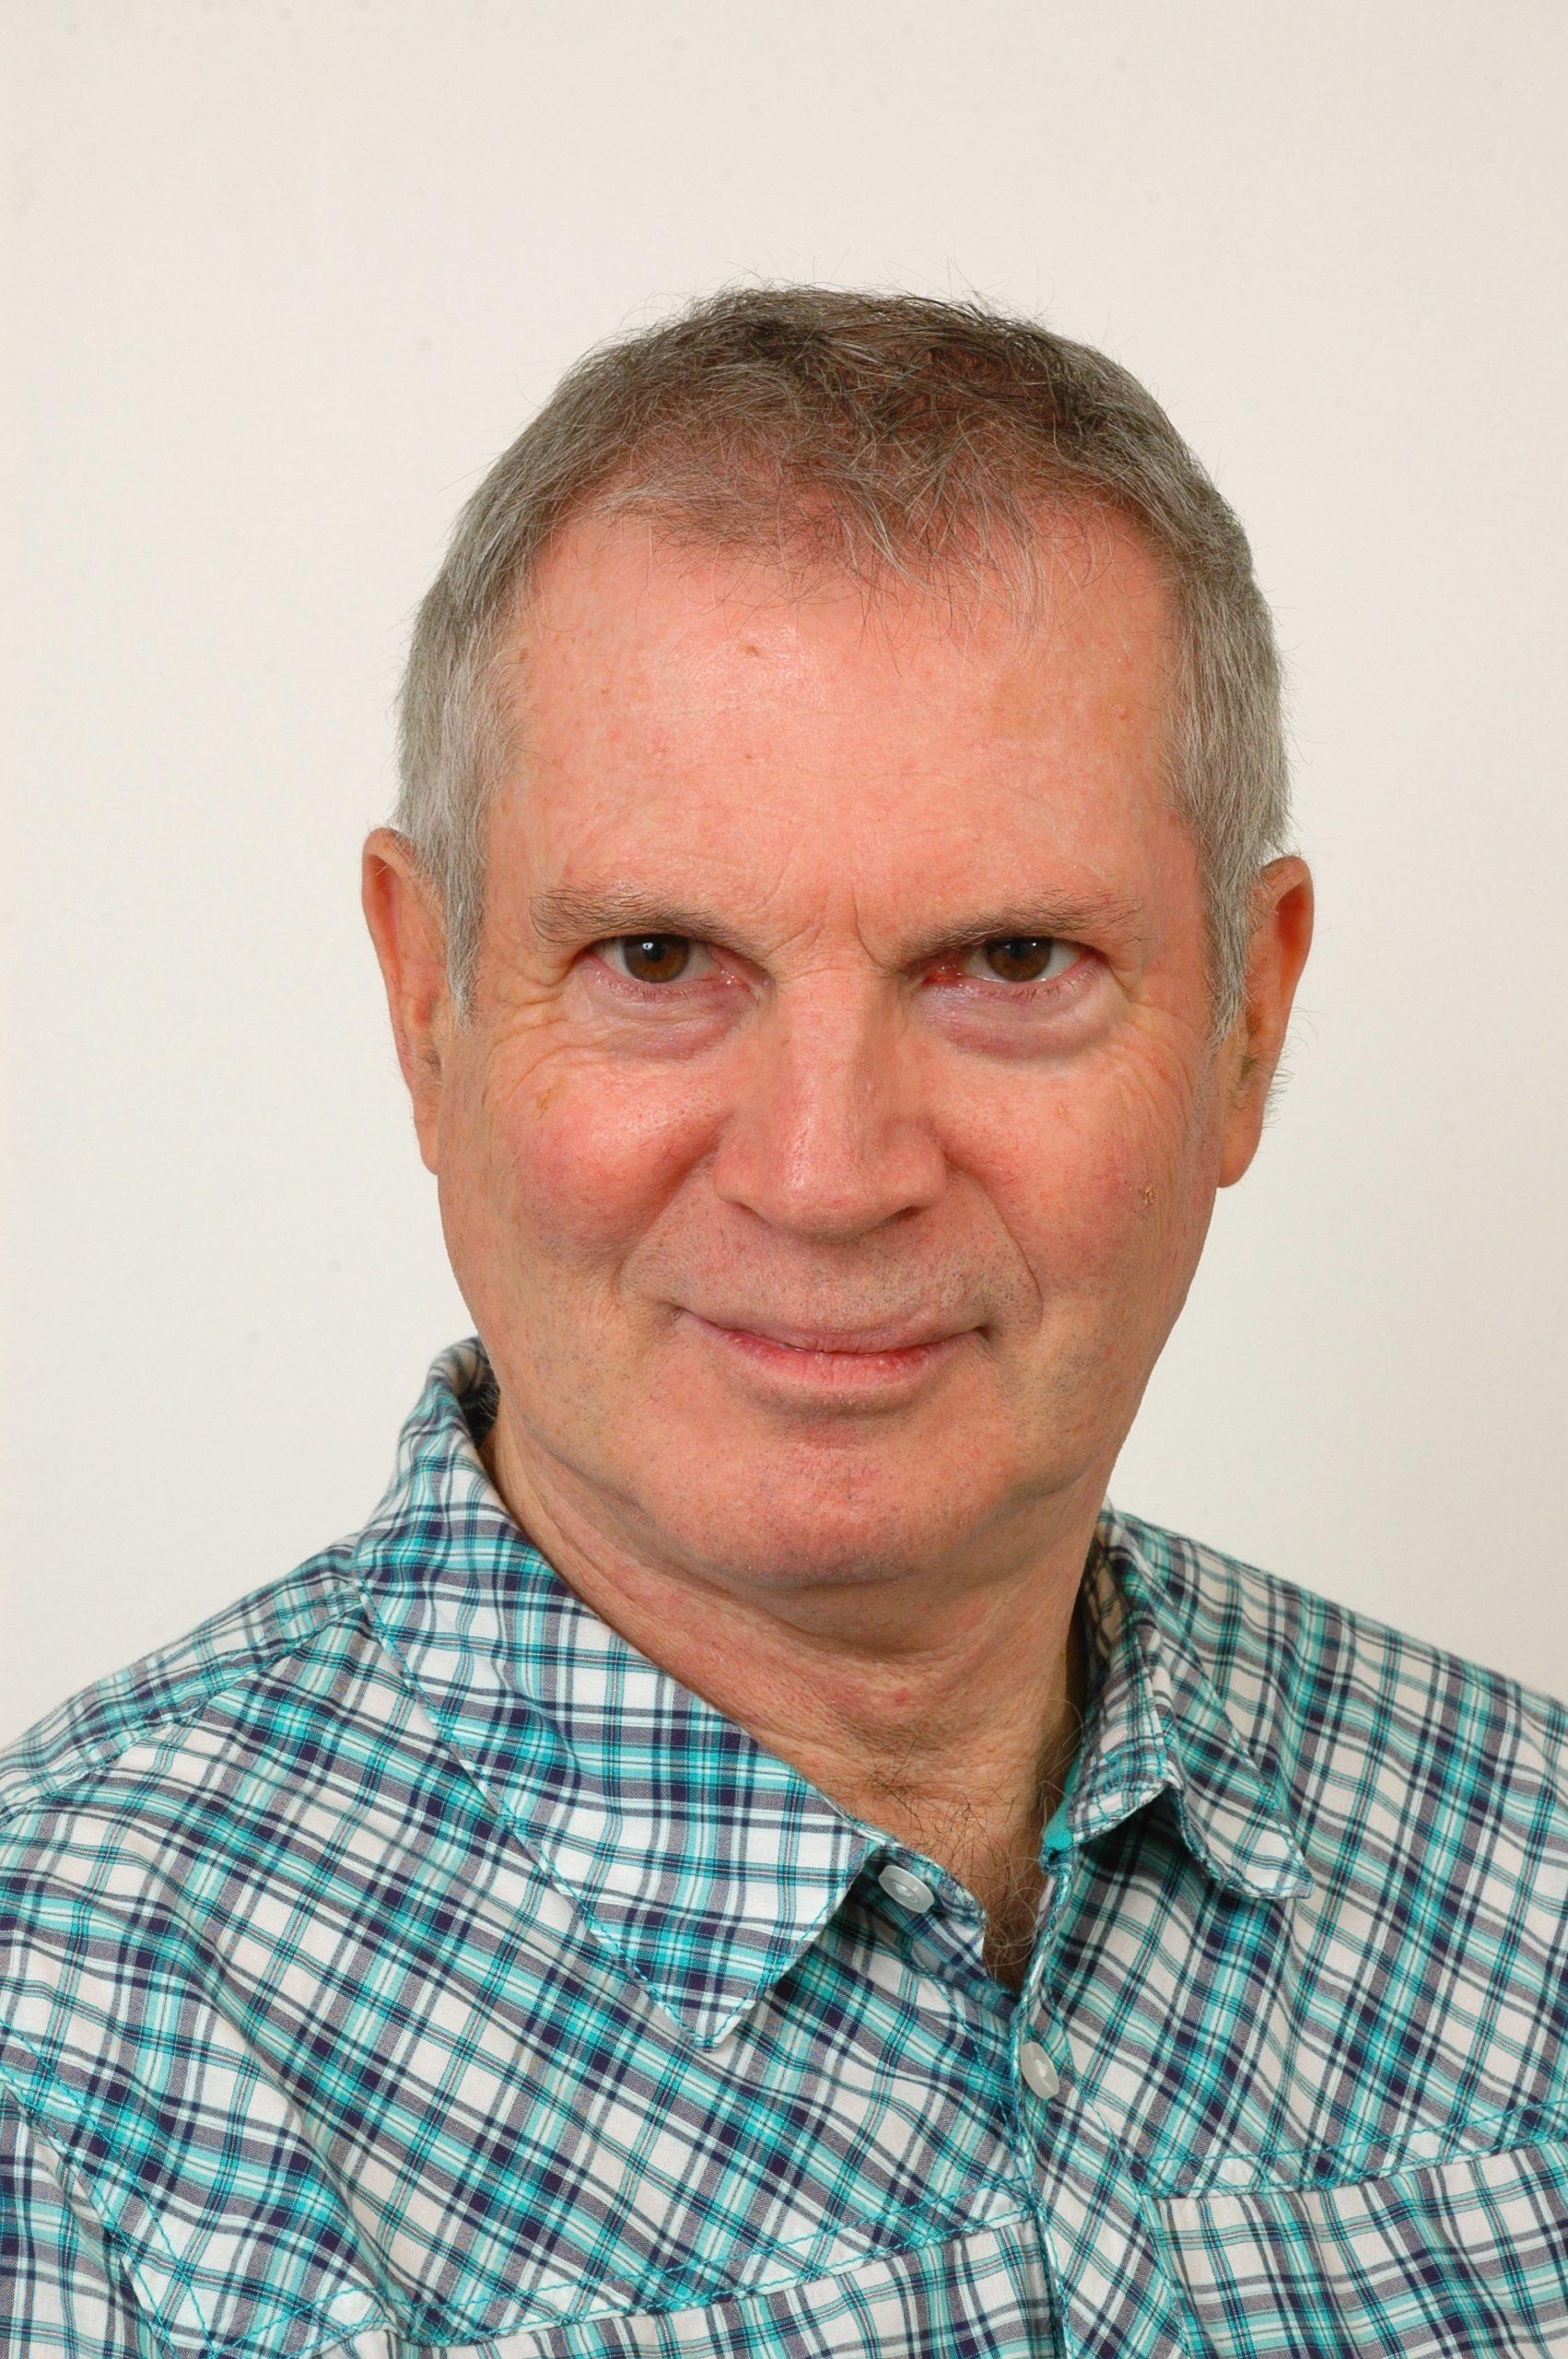 Edward Bizub